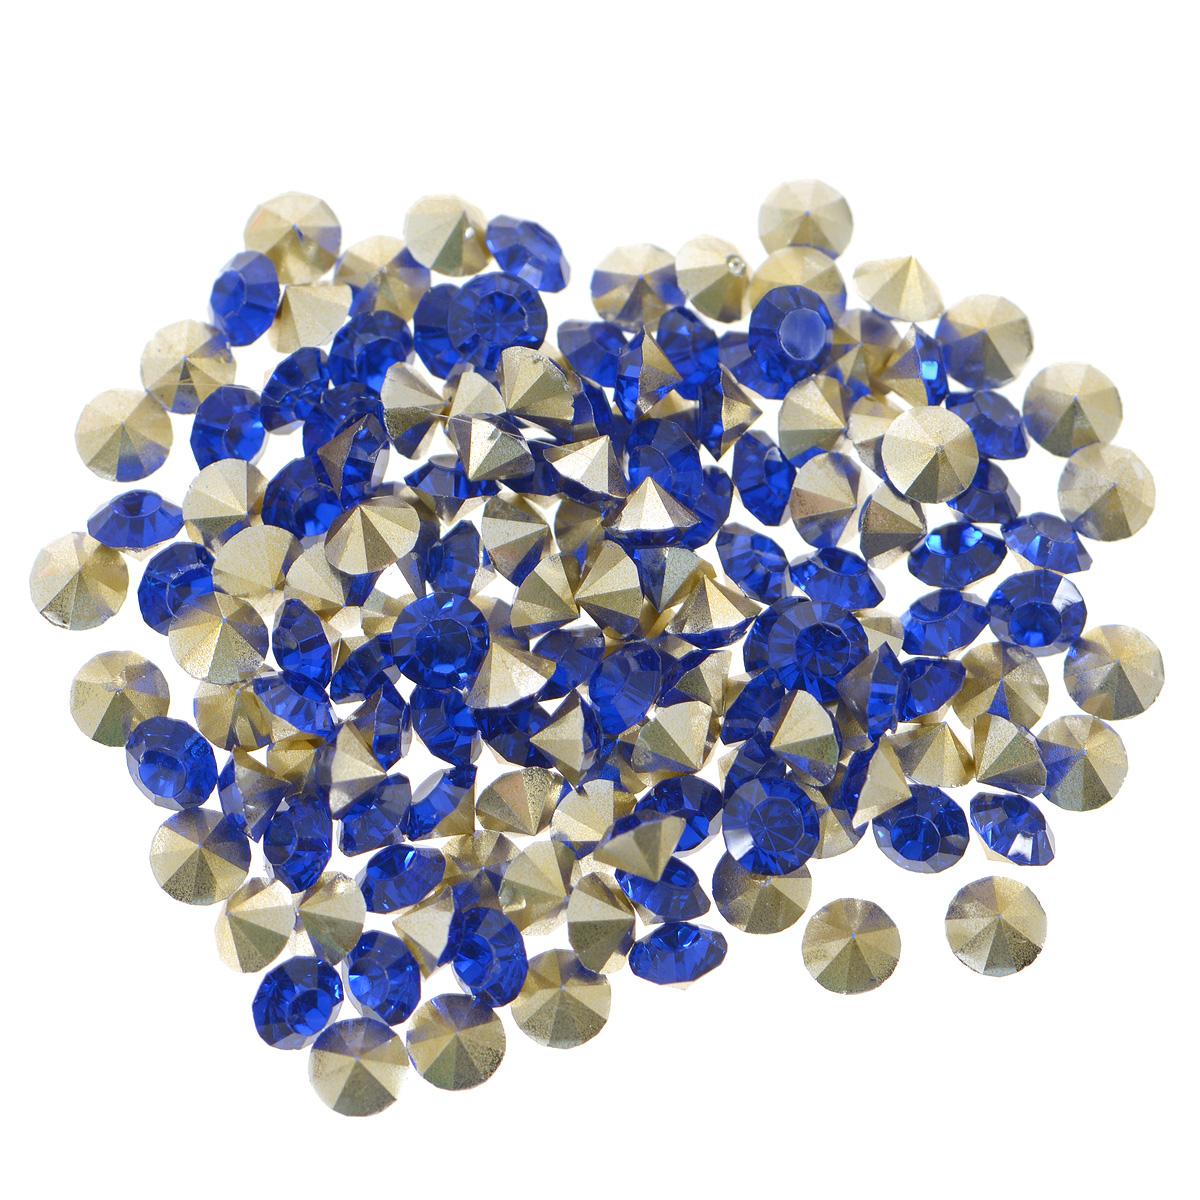 Стразы Cristal, цвет: синий (09), диаметр 3 мм, 144 шт7711014_09 синийНабор страз Cristal, изготовленный из акрила, позволит вам украсить одежду, аксессуары или бижутерию. Яркие стразы имеют конусовидную форму и круглую поверхность с гранями. Украшение стразами поможет сделать любую вещь оригинальной и неповторимой. Изготовление украшений - занимательное хобби и реализация творческих способностей рукодельницы, это возможность создания неповторимого индивидуального подарка. Размер страз: SS16.